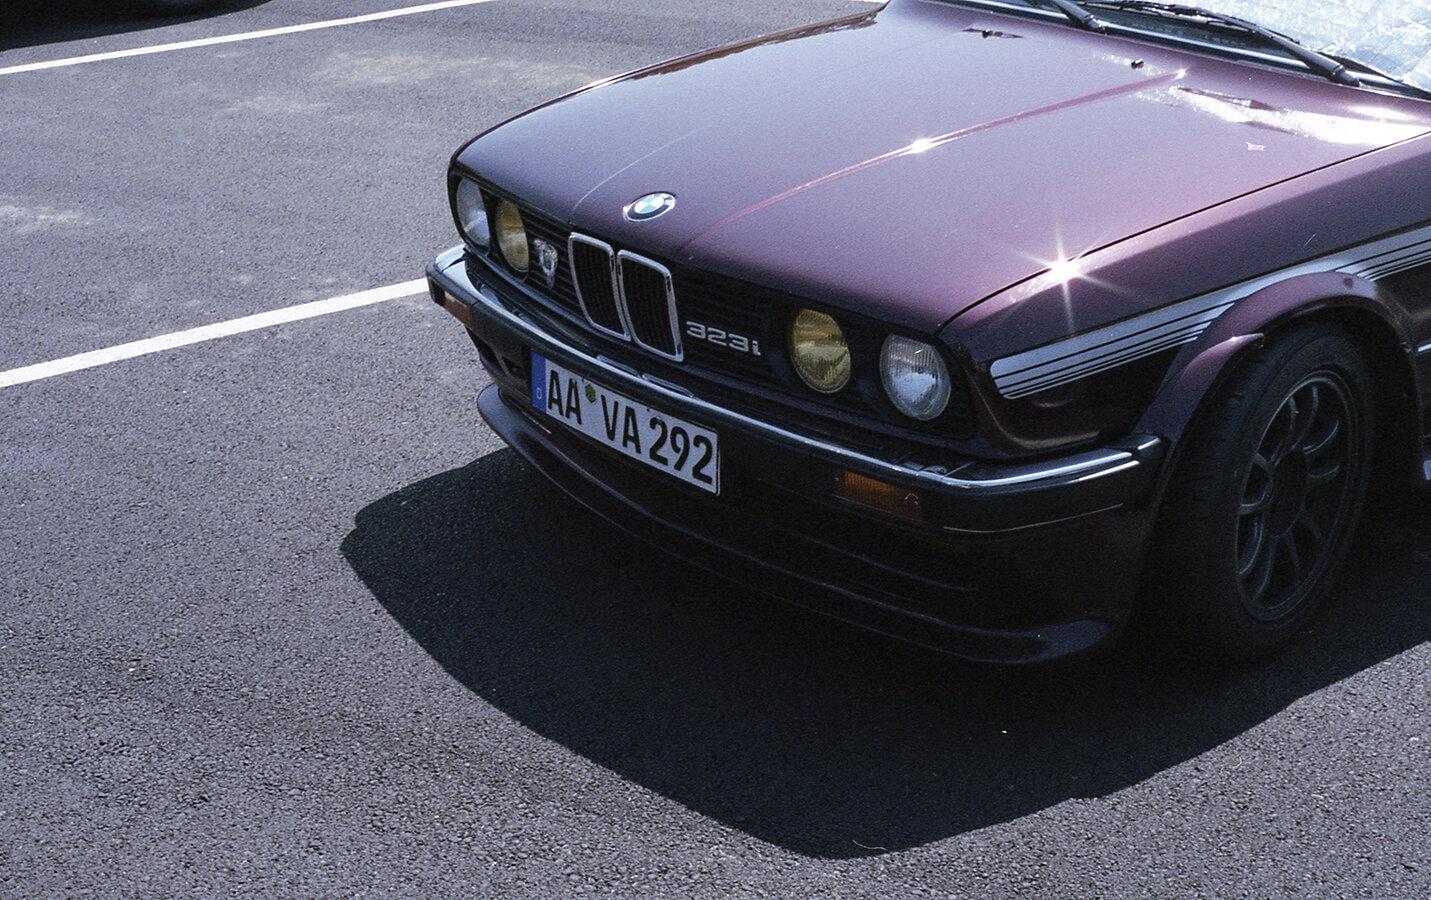 pir-car_august2019_mattschu.jpg